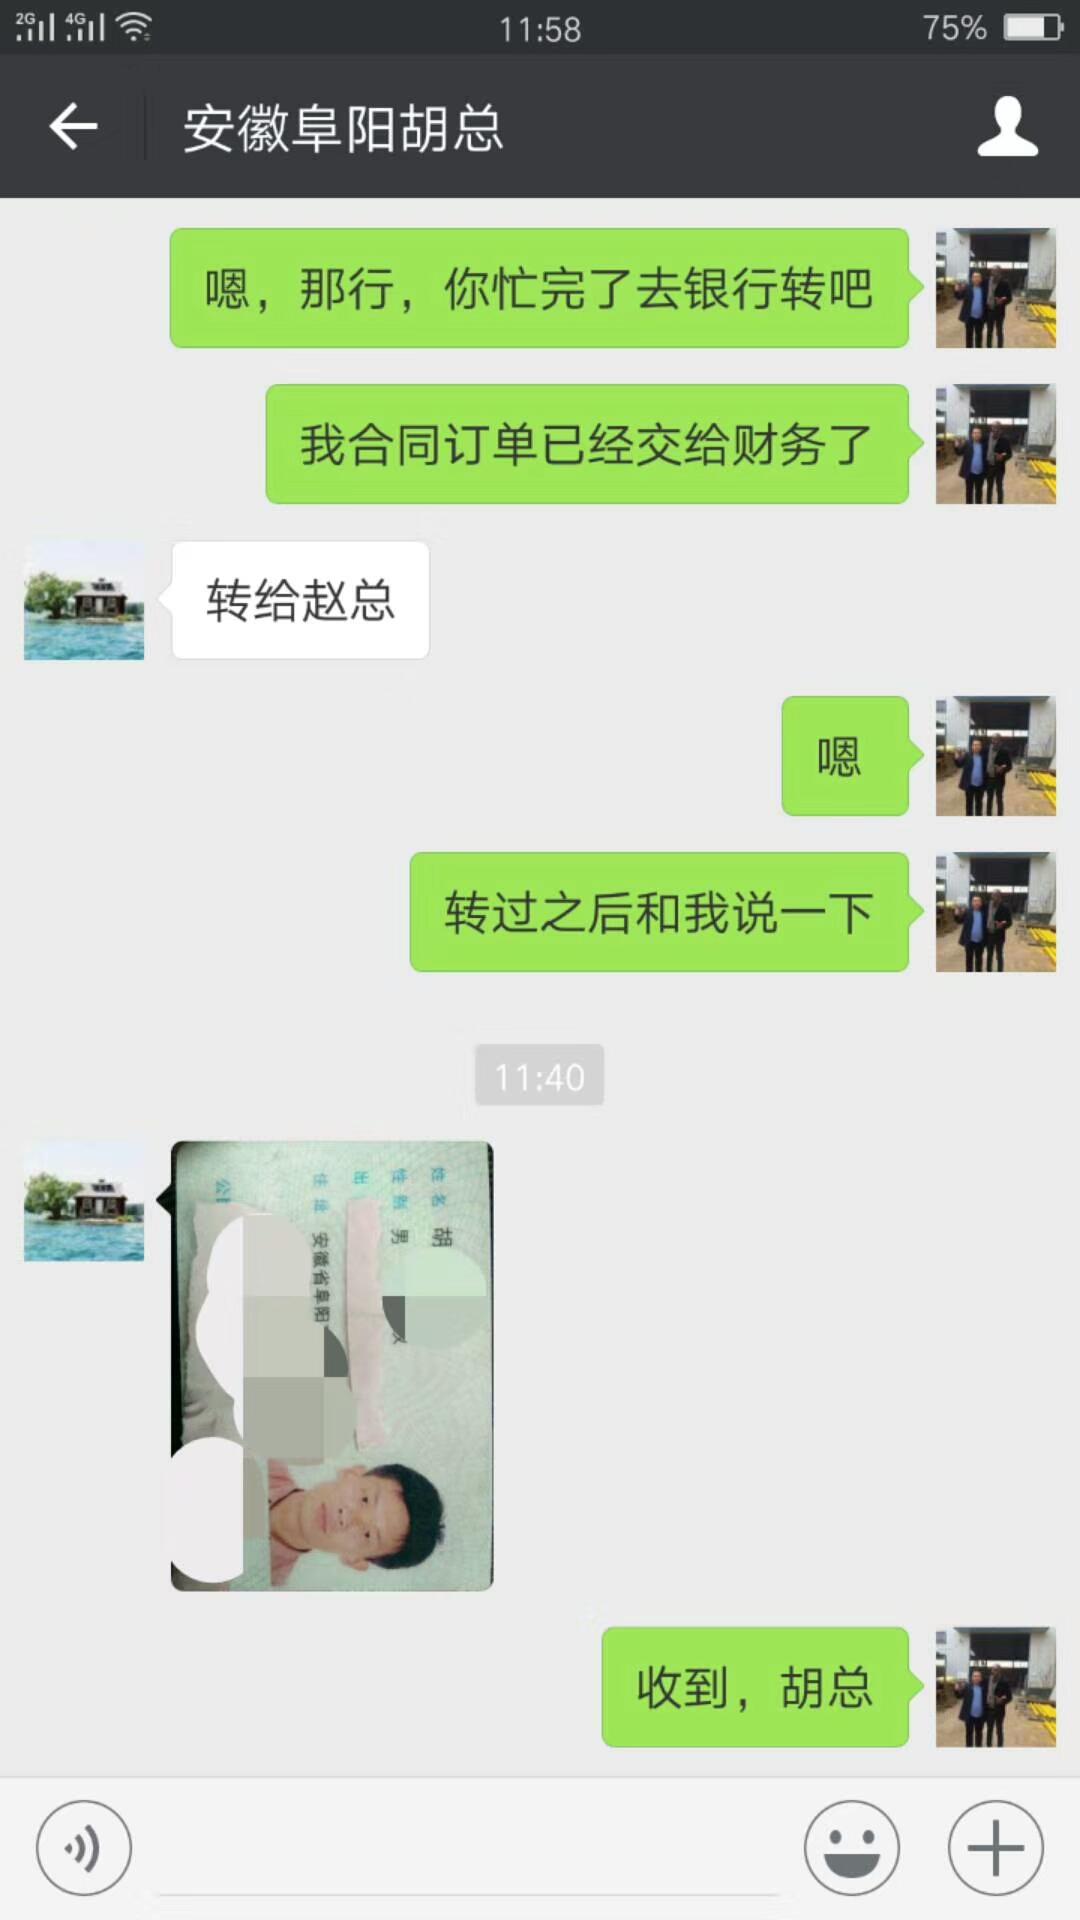 微信图片_20171116162246.jpg